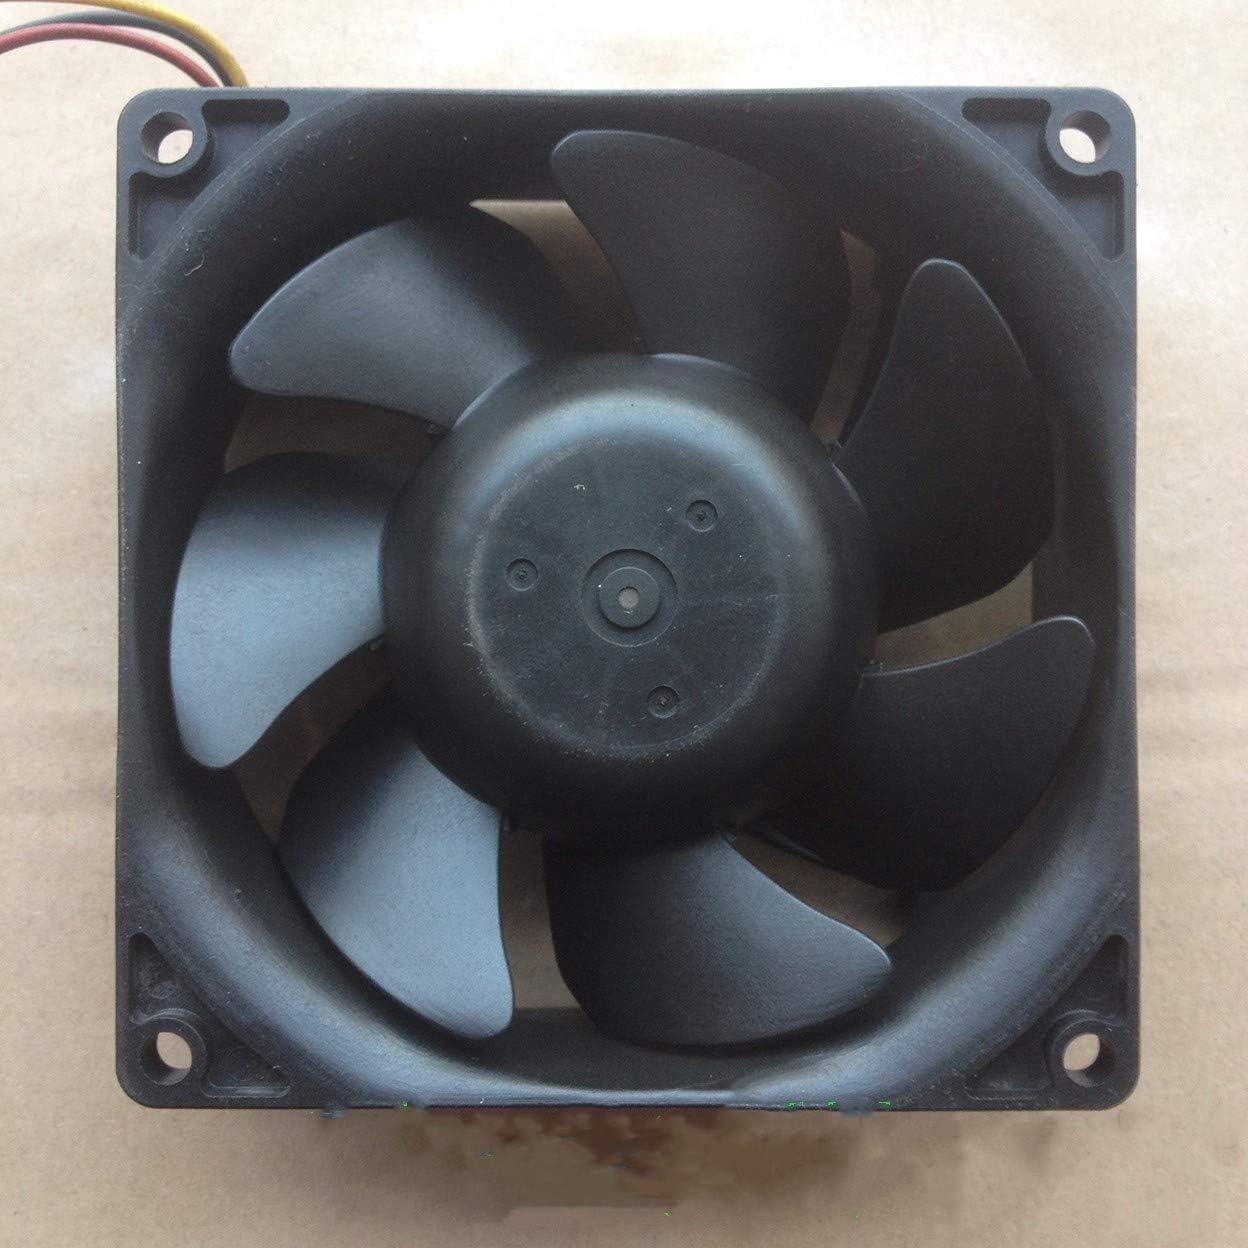 for KLDC12Z7FP 12V 0.34A 4W 9CM 9032 3-Wire Cooling Fan